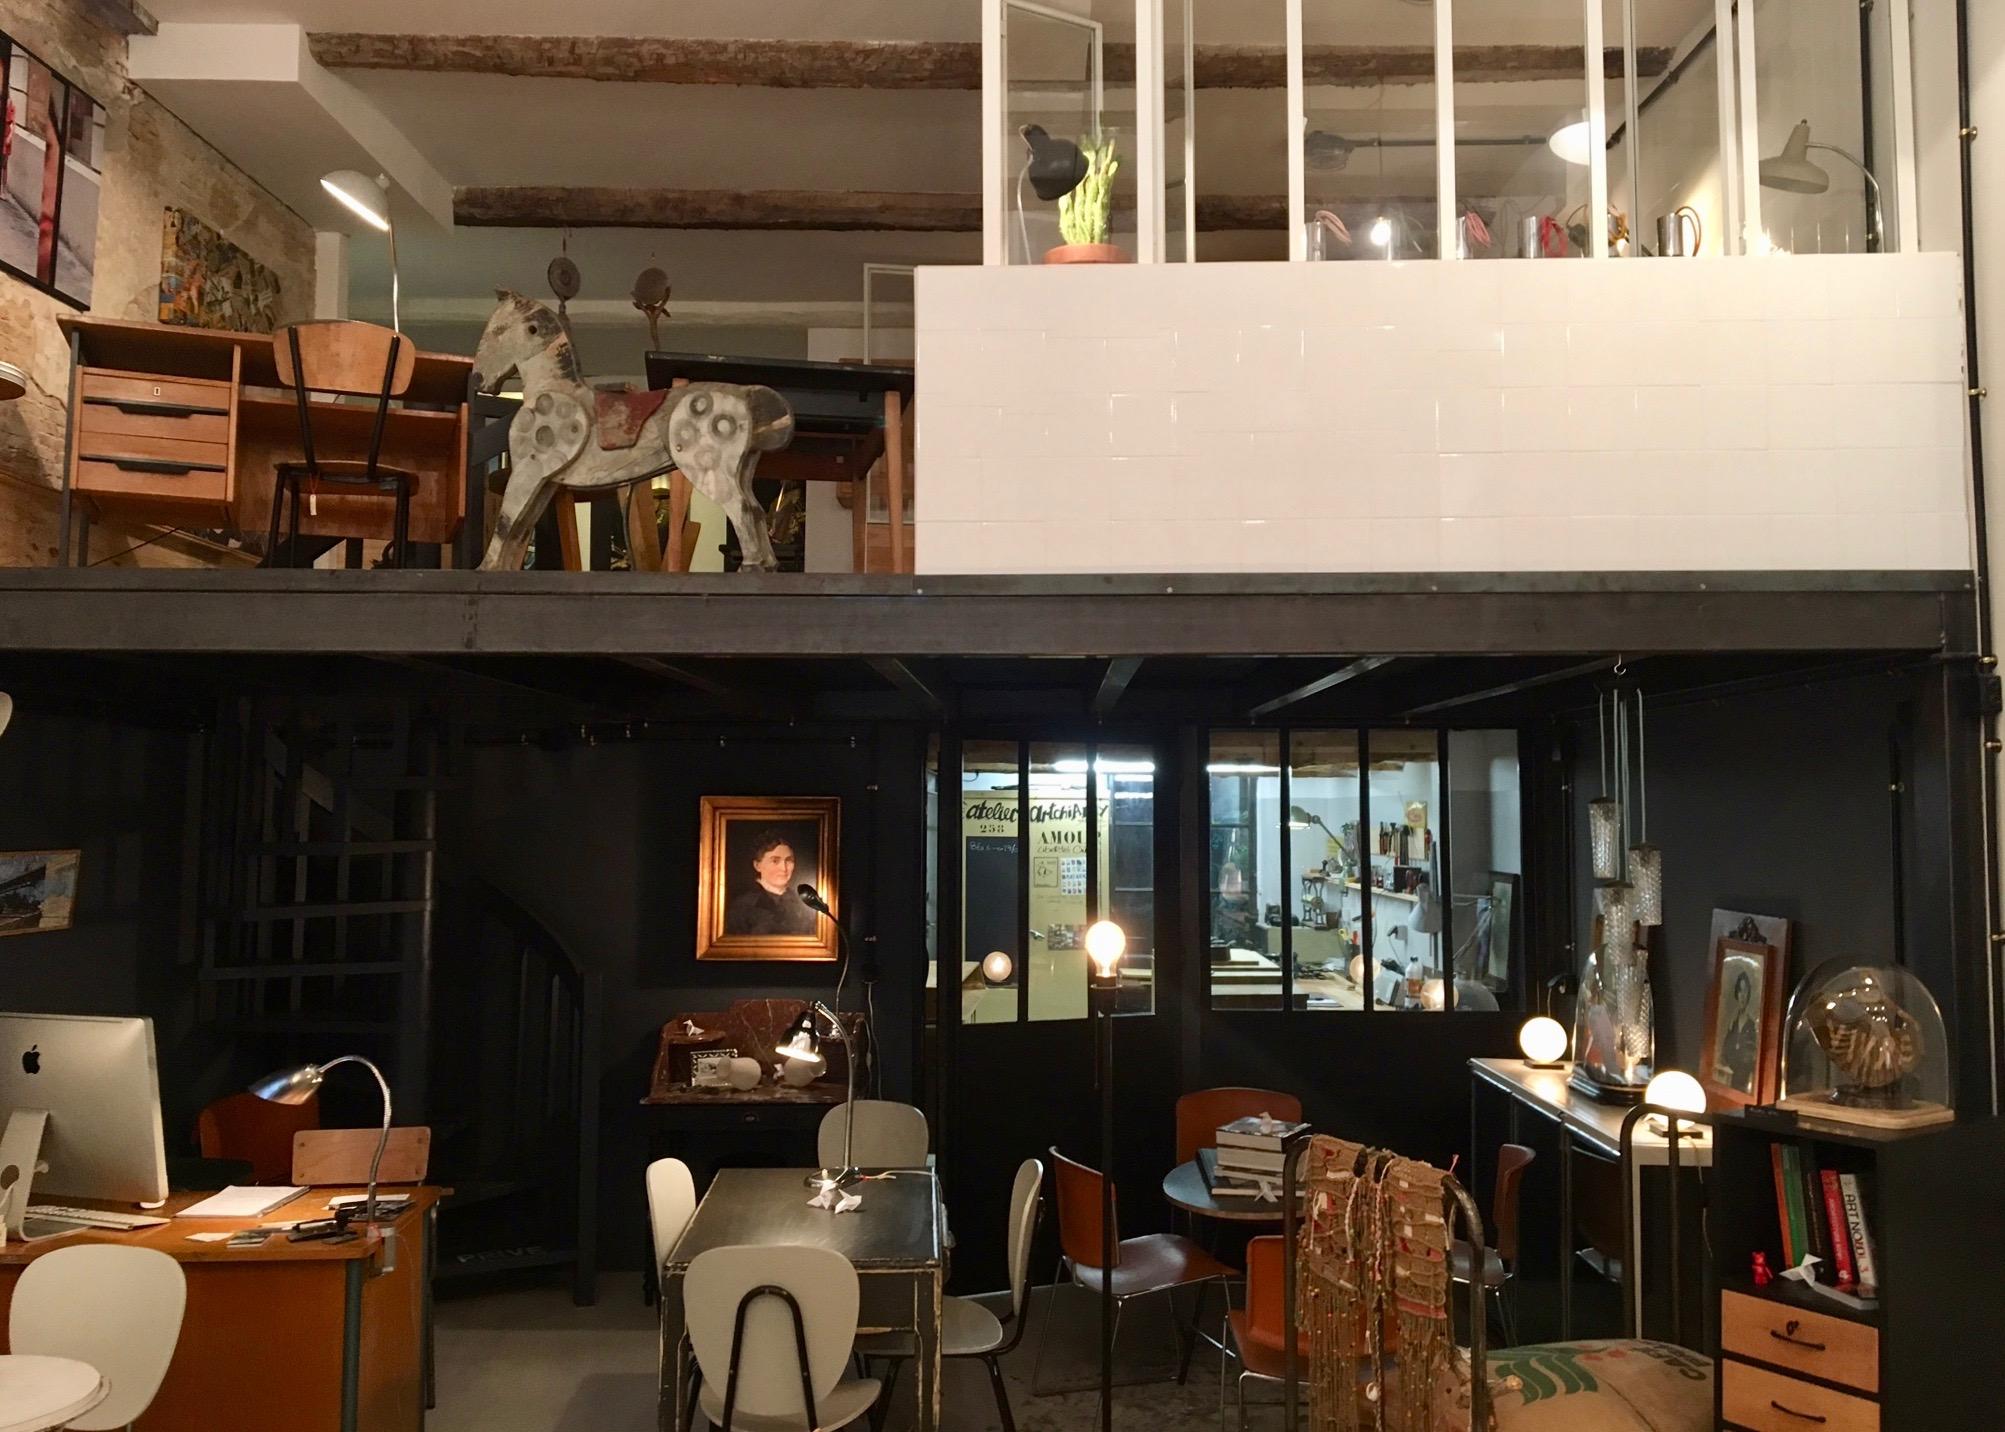 d coration d 39 int rieur marseille artchiarty love spots. Black Bedroom Furniture Sets. Home Design Ideas